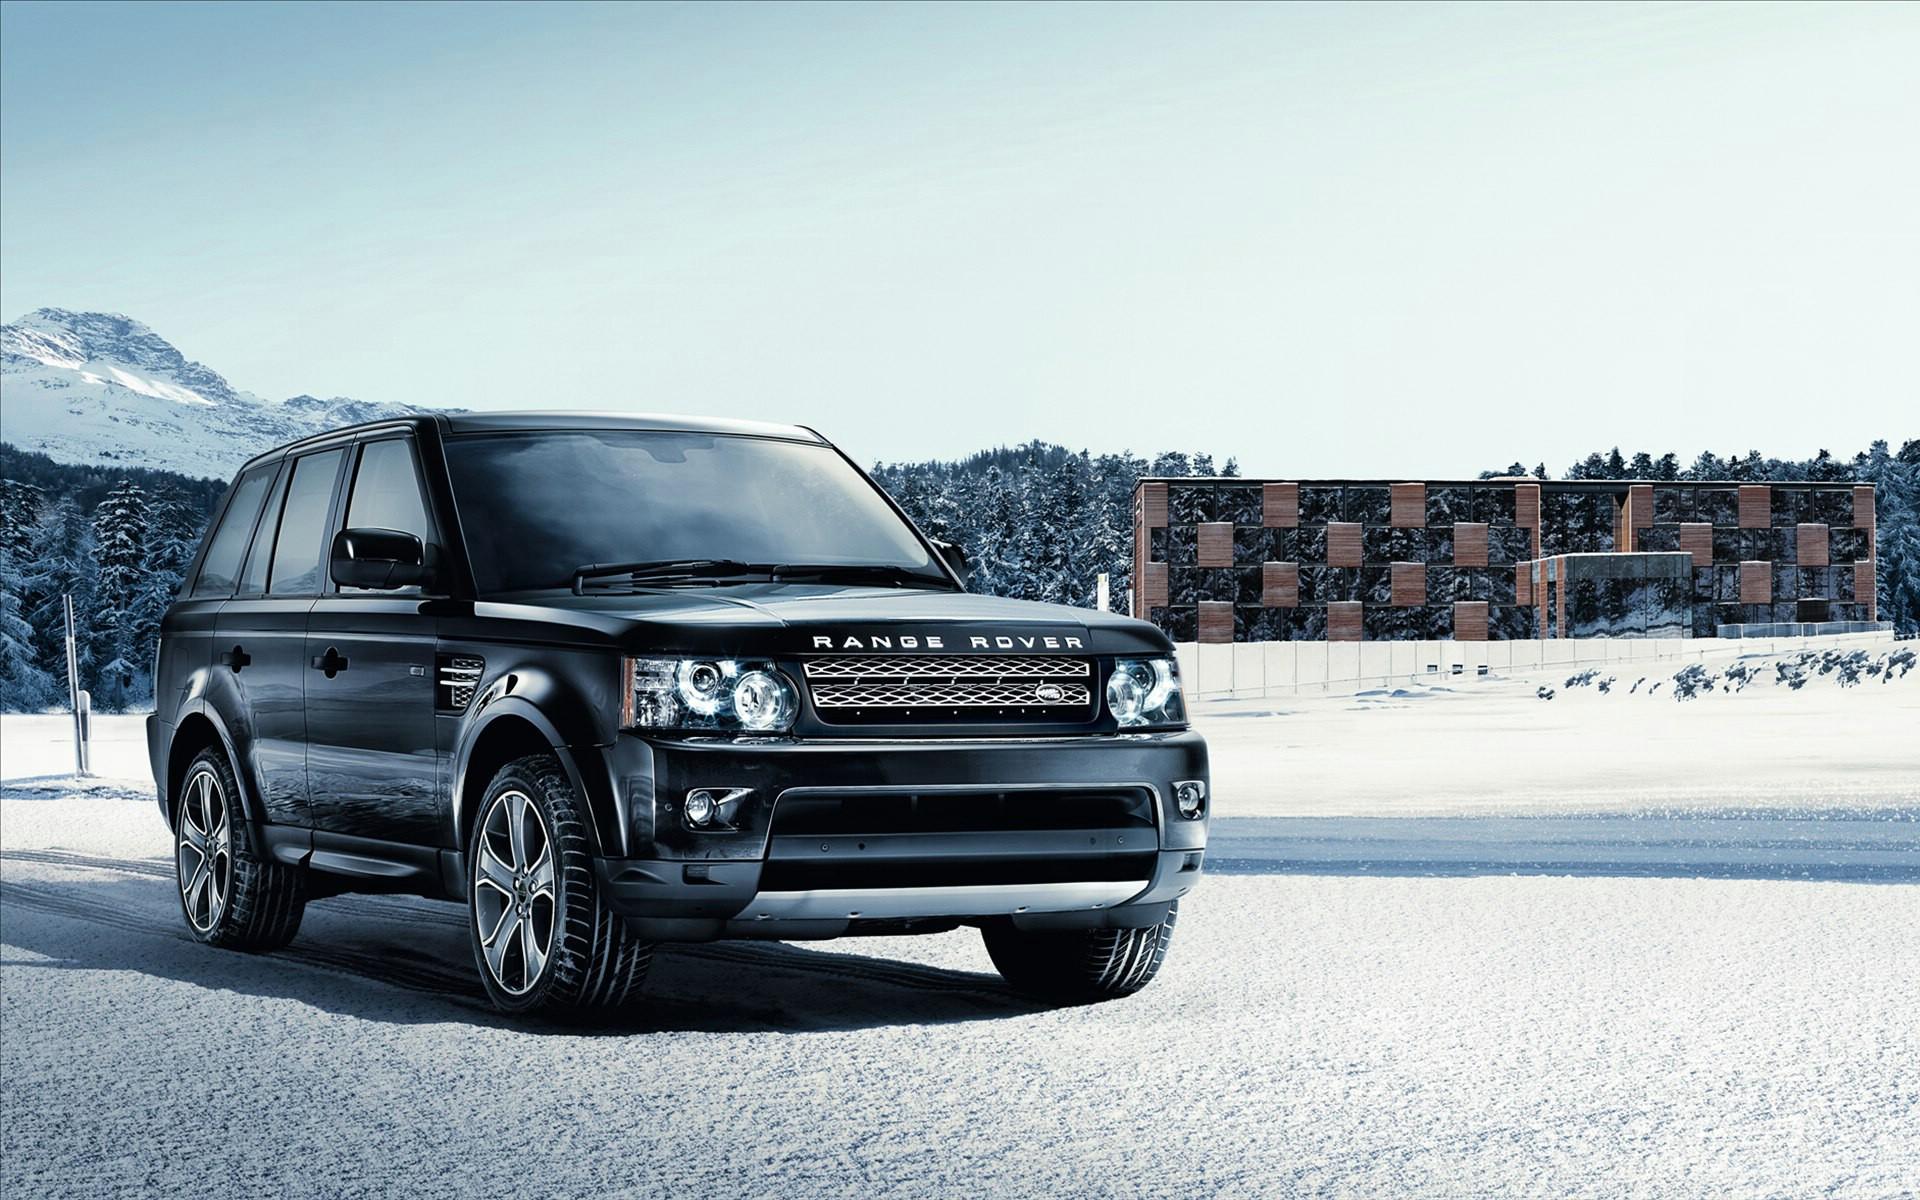 Range Rover Sport Black Wallpaper: Range Rover Sport 2012 Wallpaper